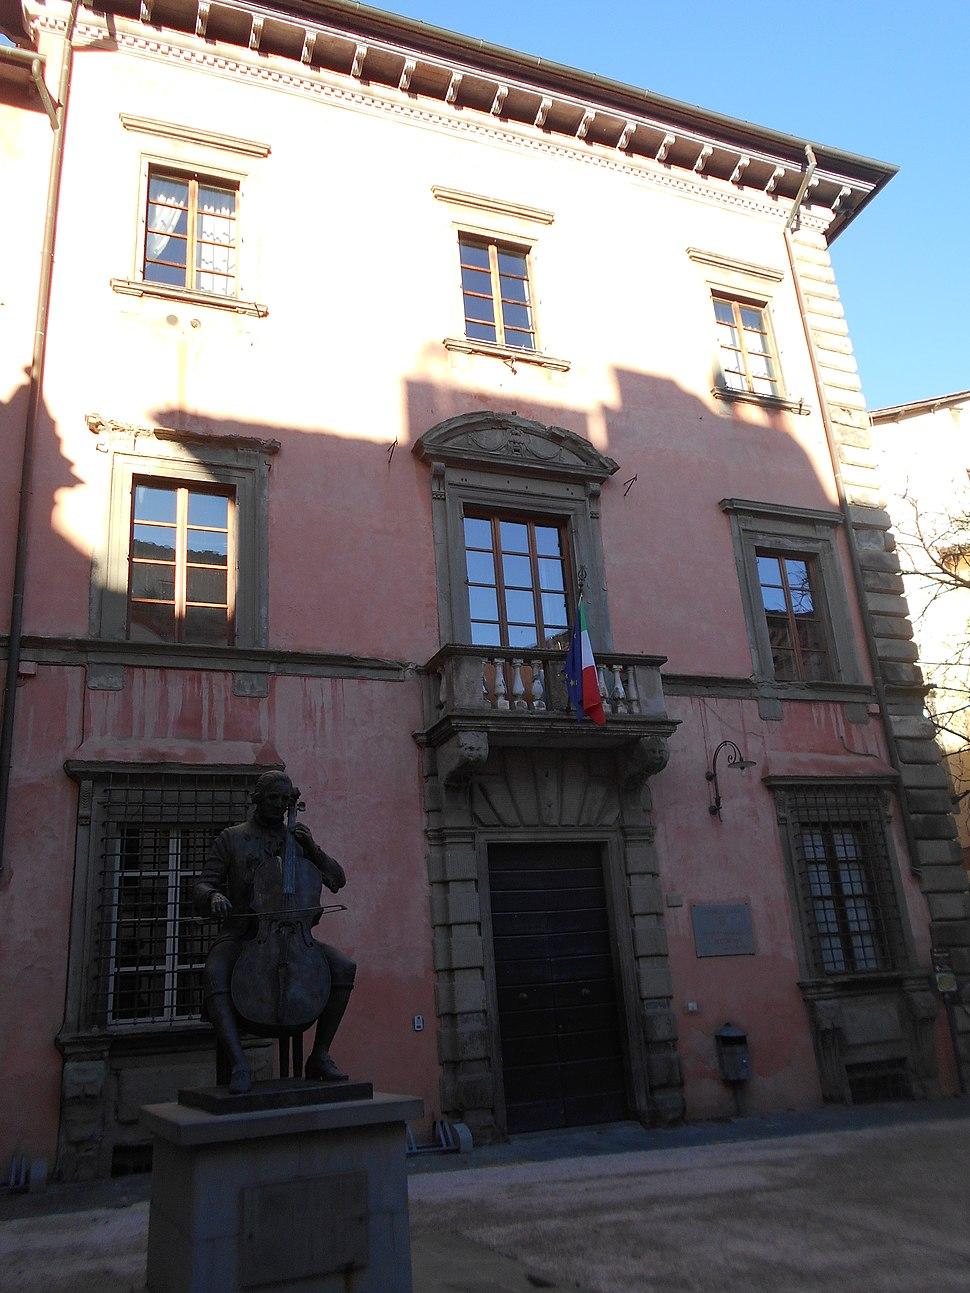 Monumento, istituto, Luigi Boccherini, Daphne Du Barry, Lucca